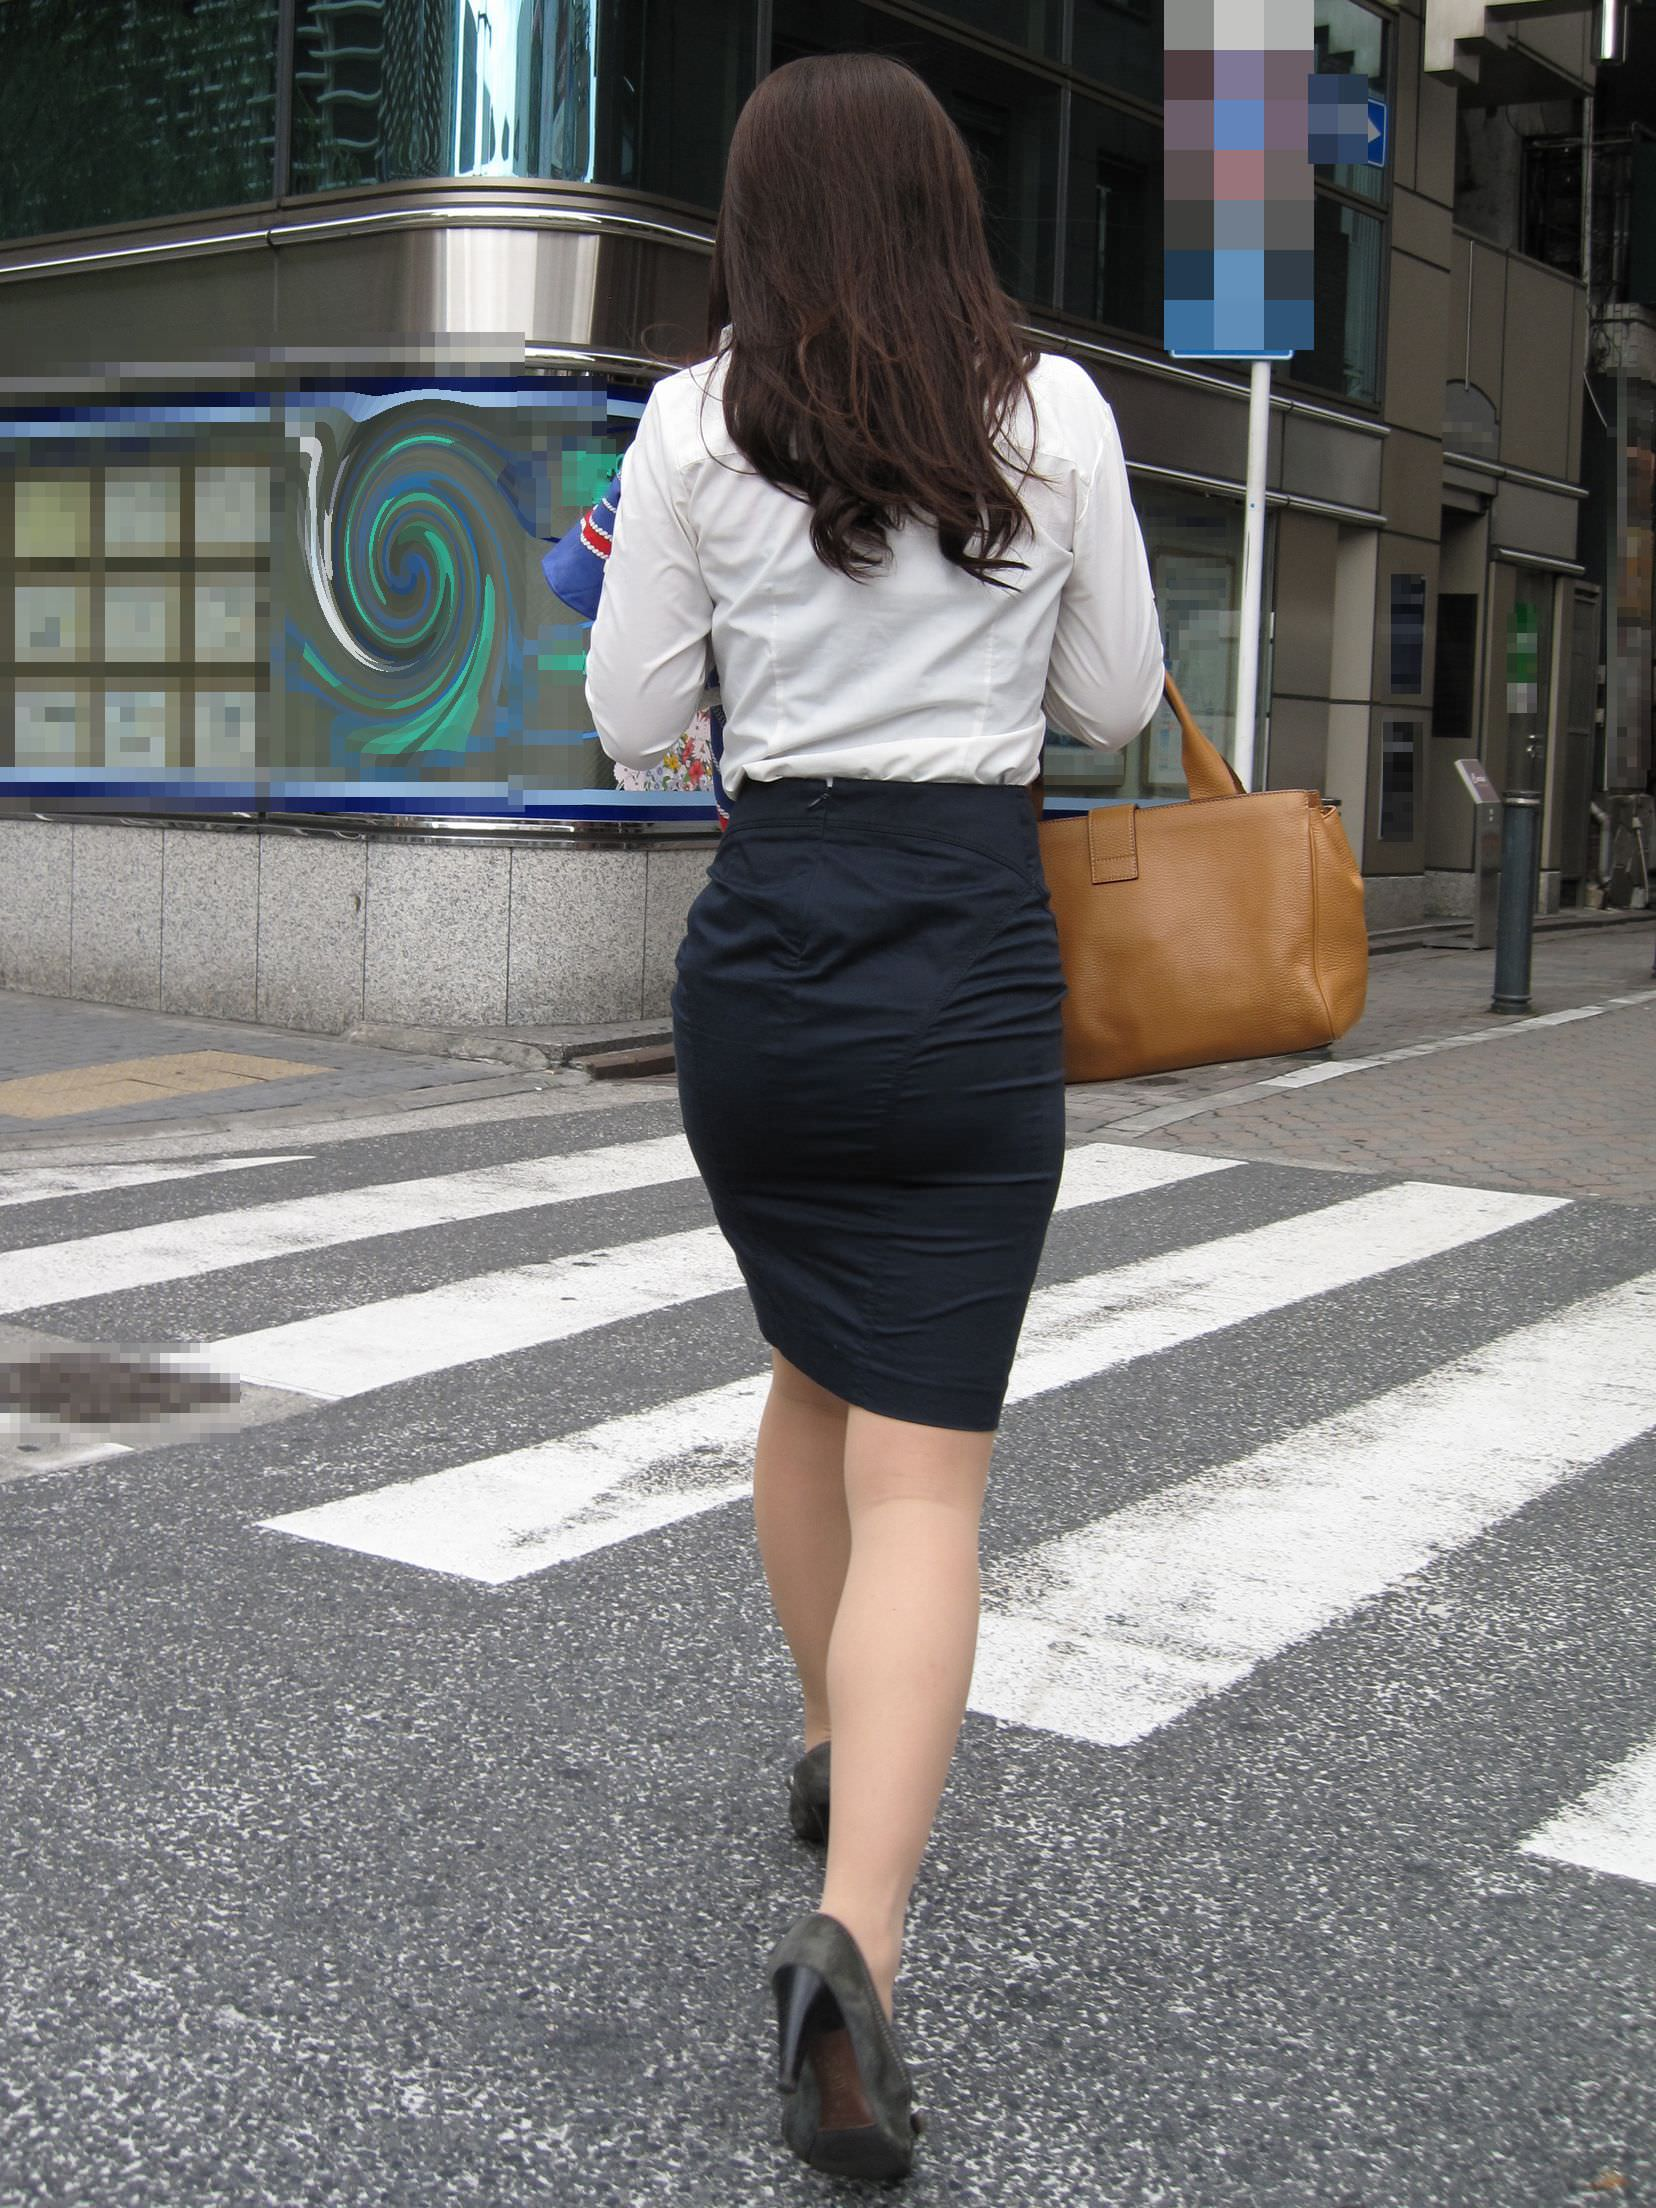 お尻の形が丸わかりなOLさんを尾行して街撮り盗撮www 3058